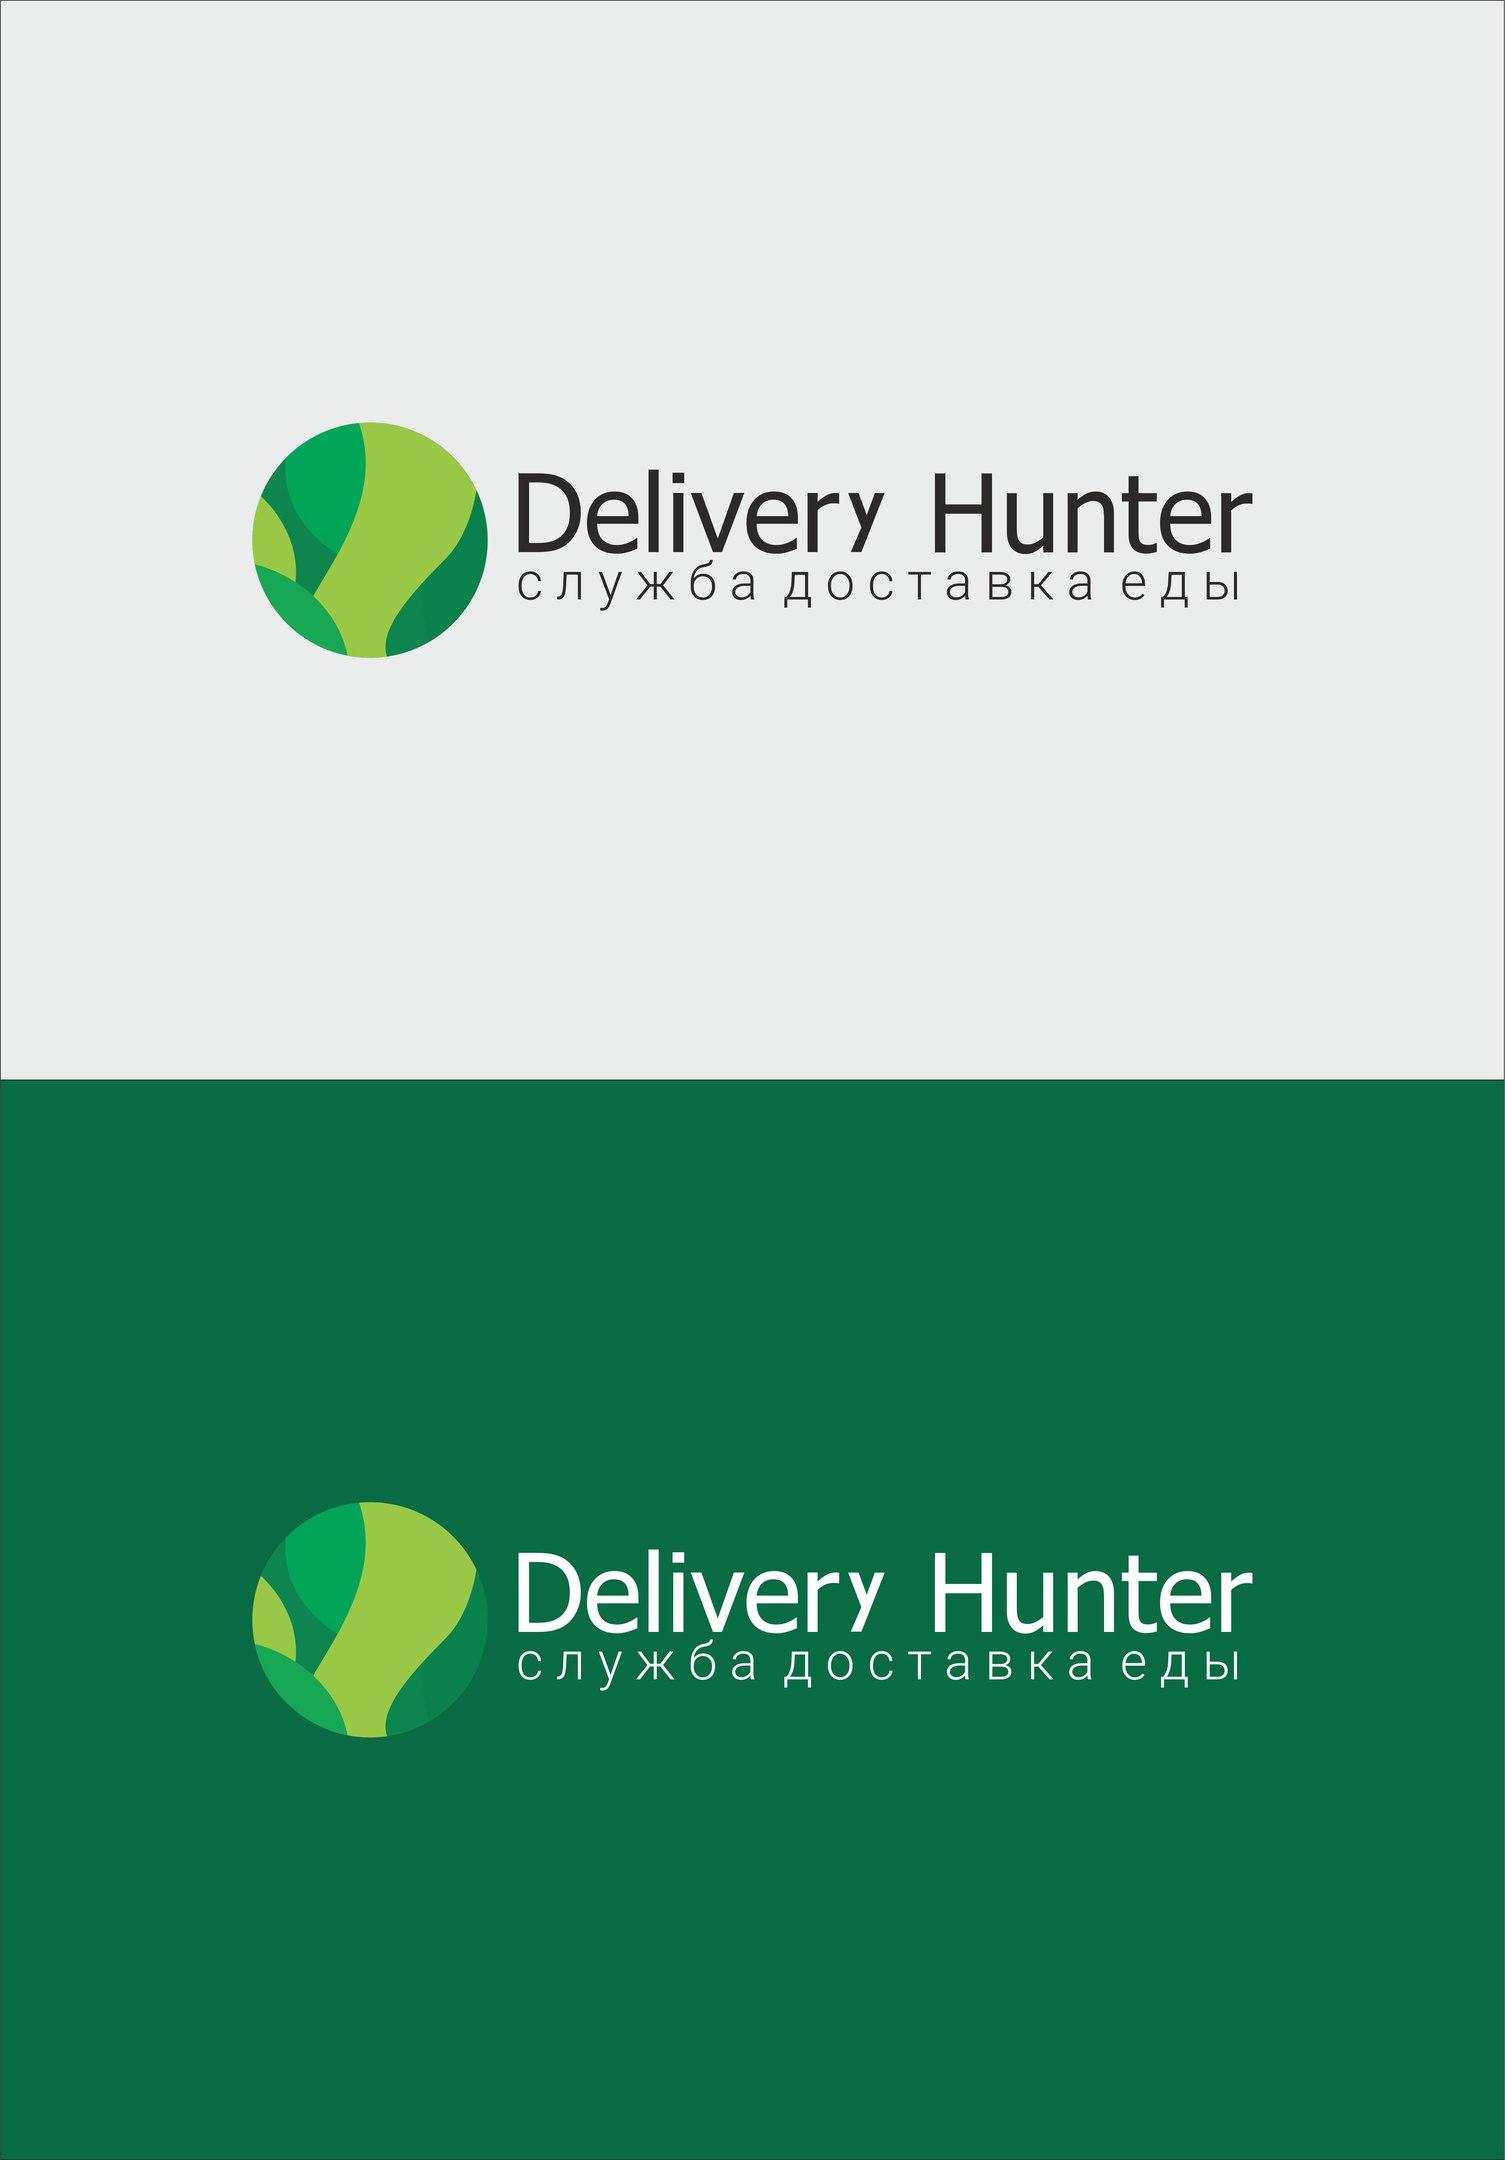 Логотип Delivery Hunter